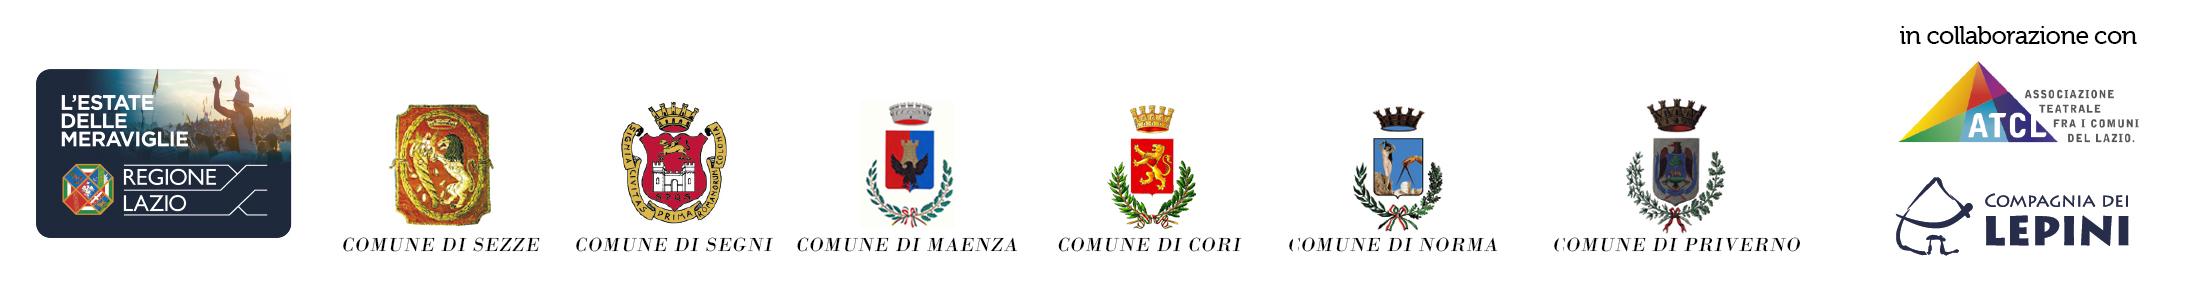 banda-comuni-progetto-radure-2021